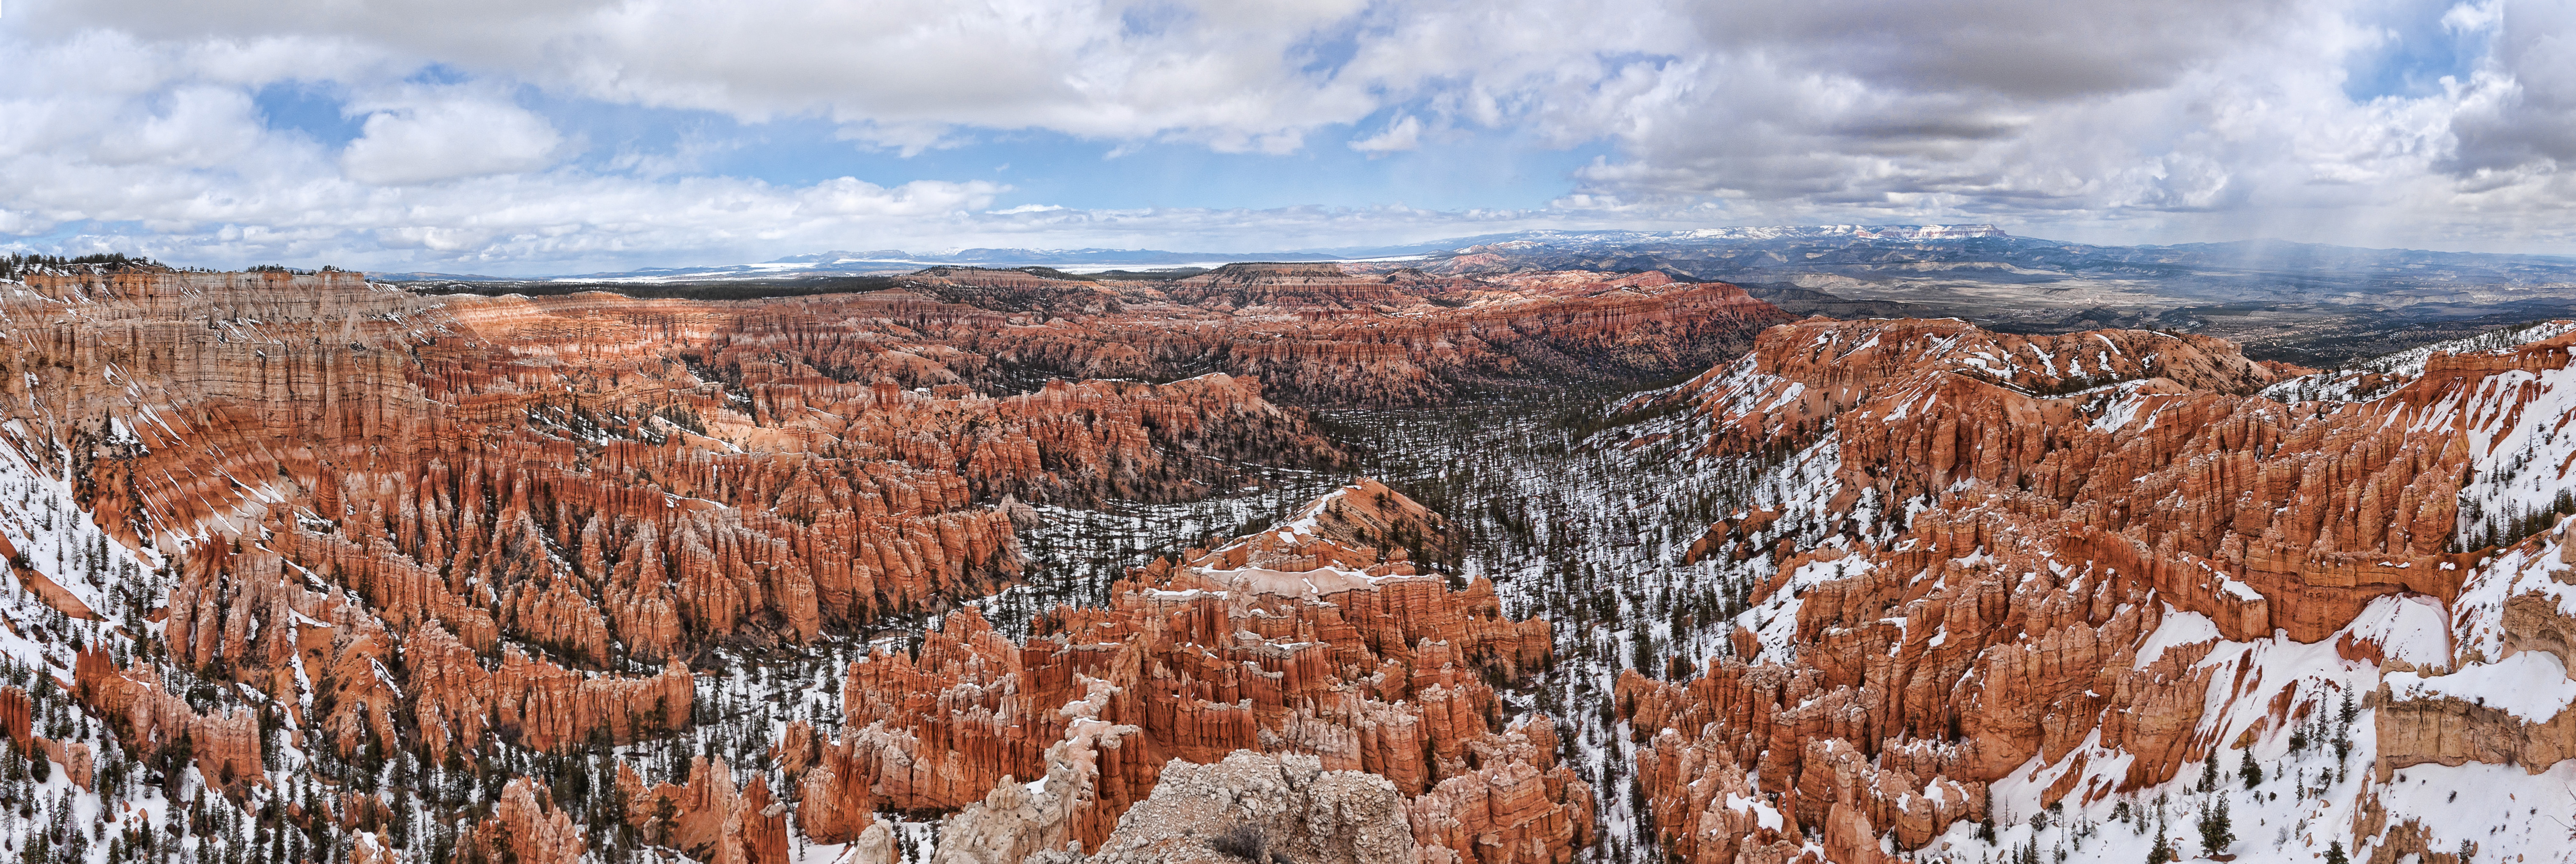 Bryce Canyon Utah Hotels And Motels